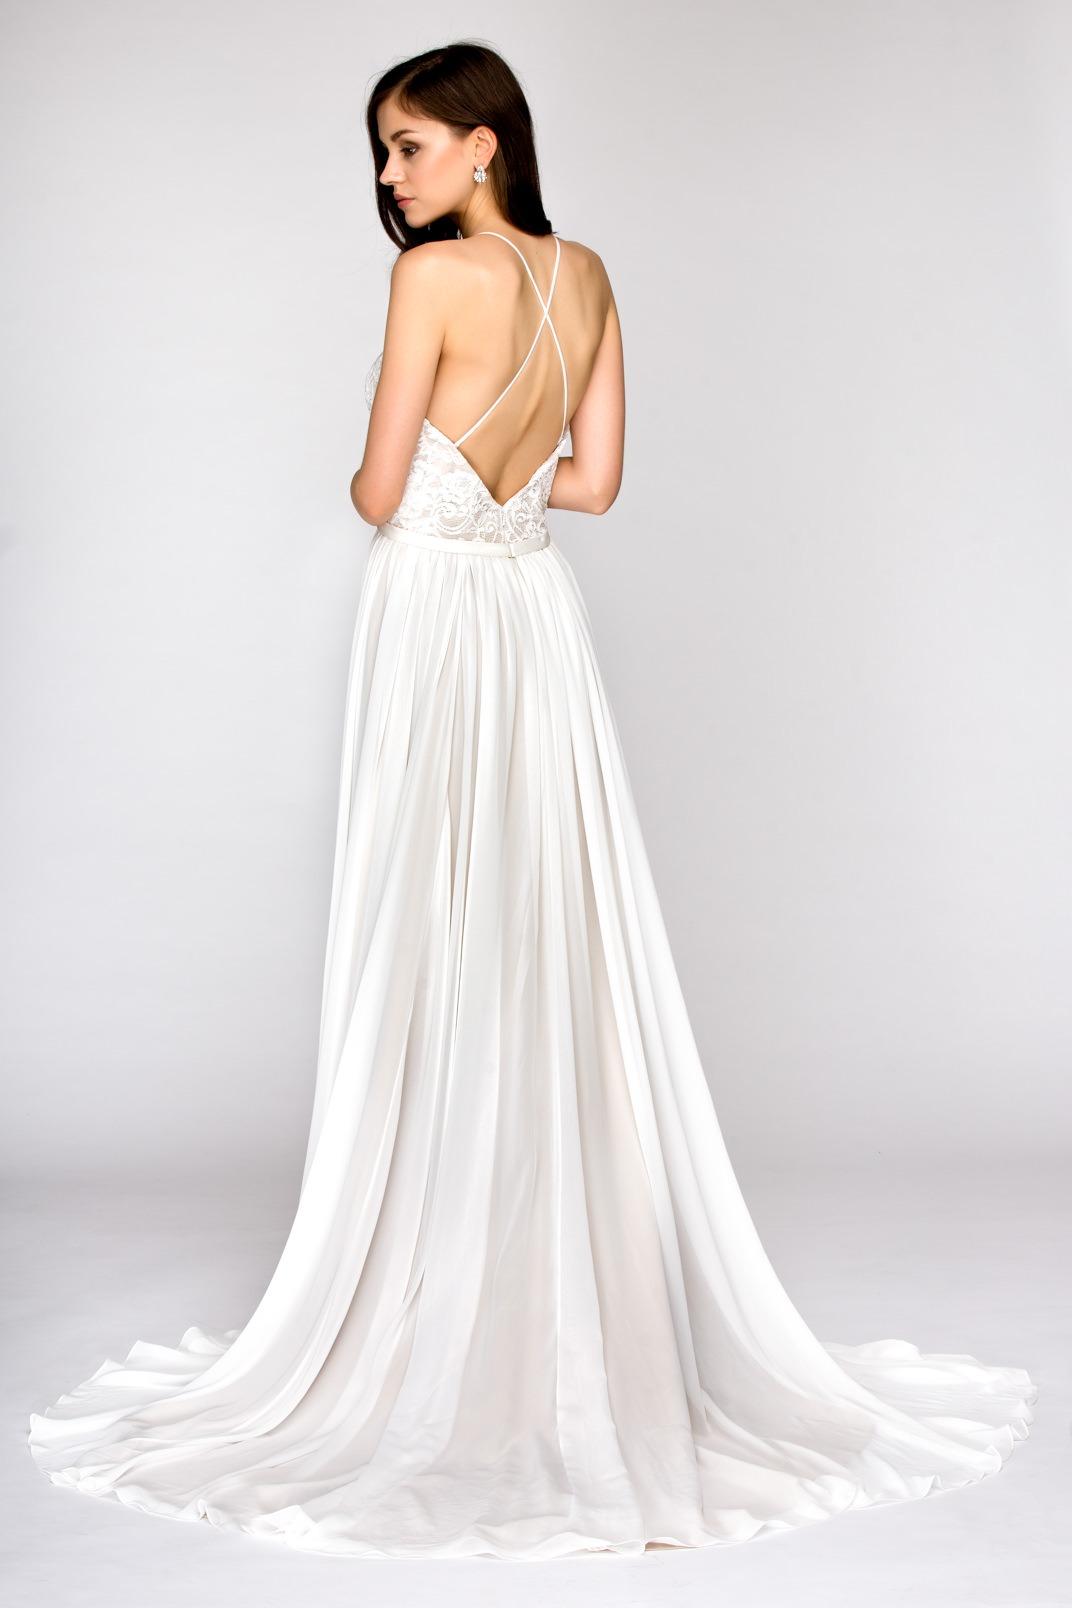 Hochzeitskleid Brautkleid Bella Bespoke Bridal Vienna